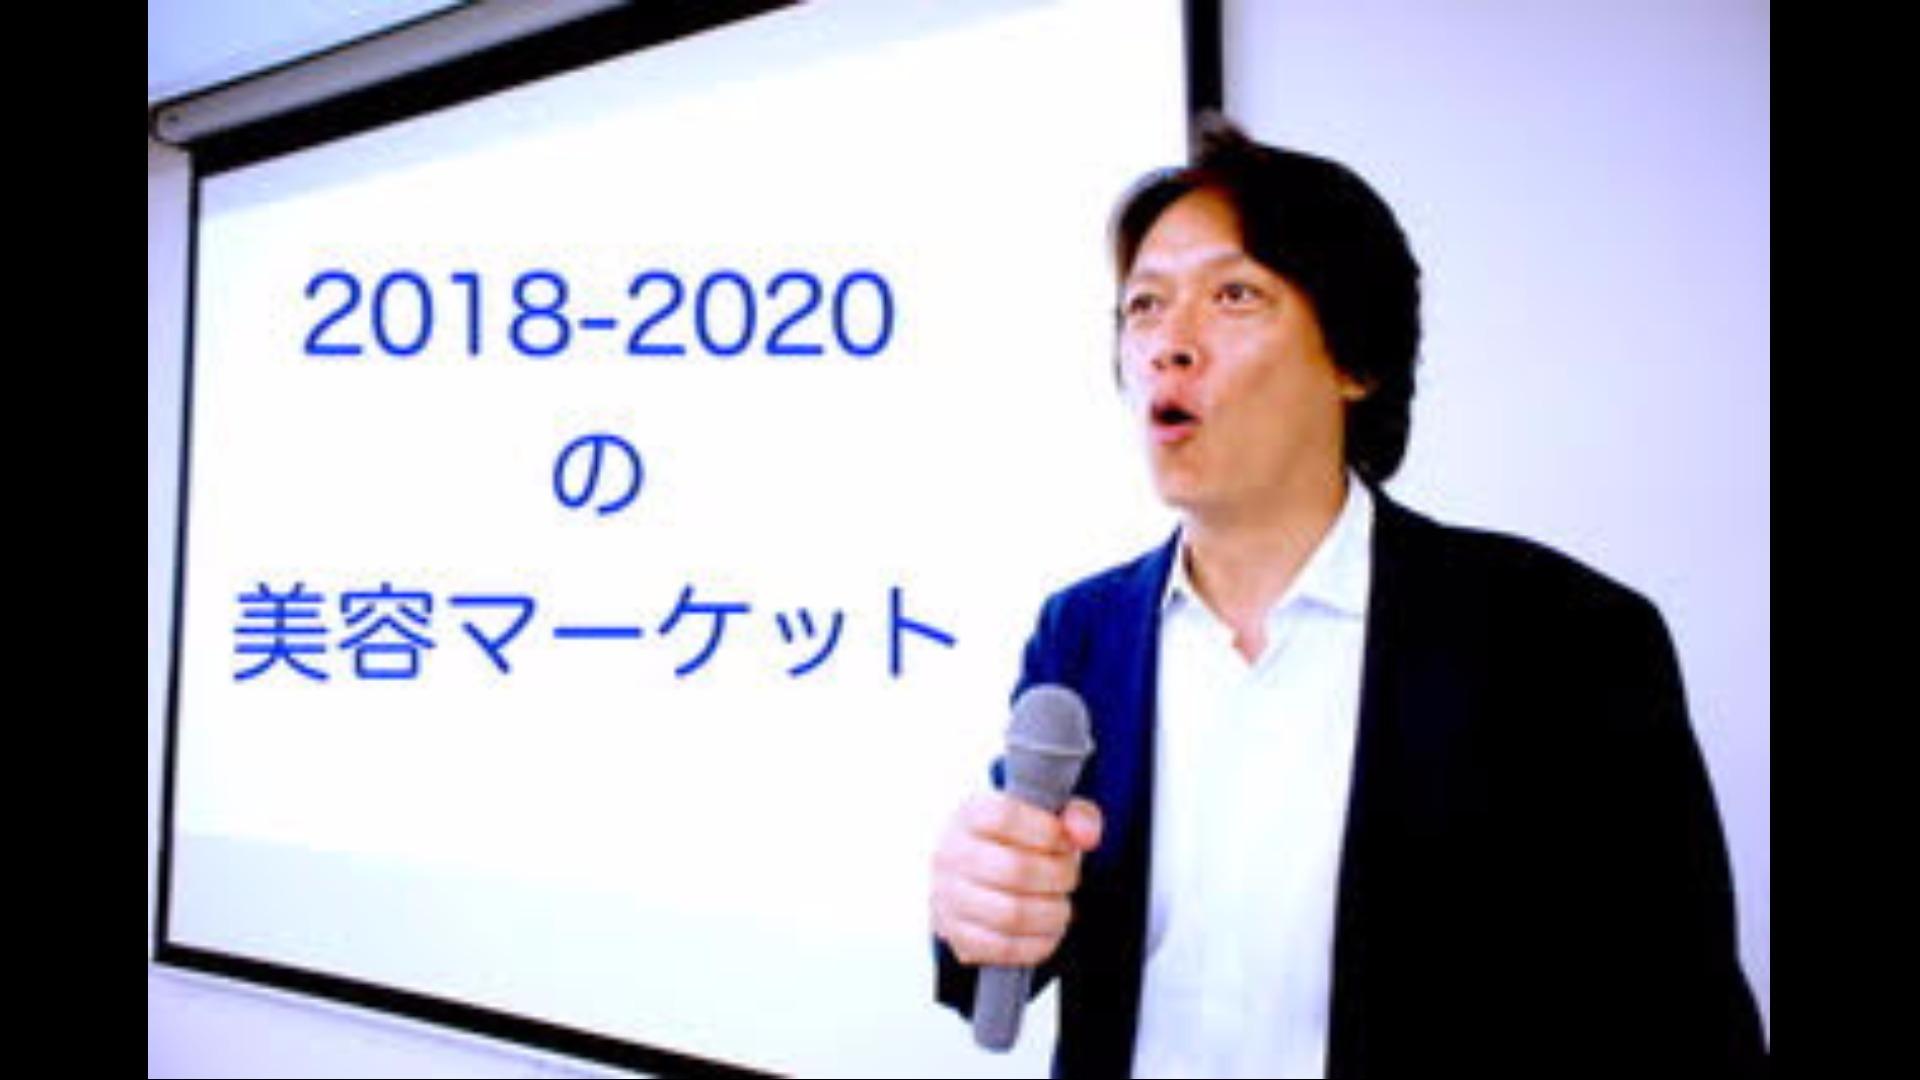 野嶋朗のビューティキャリアデザインアカデミー